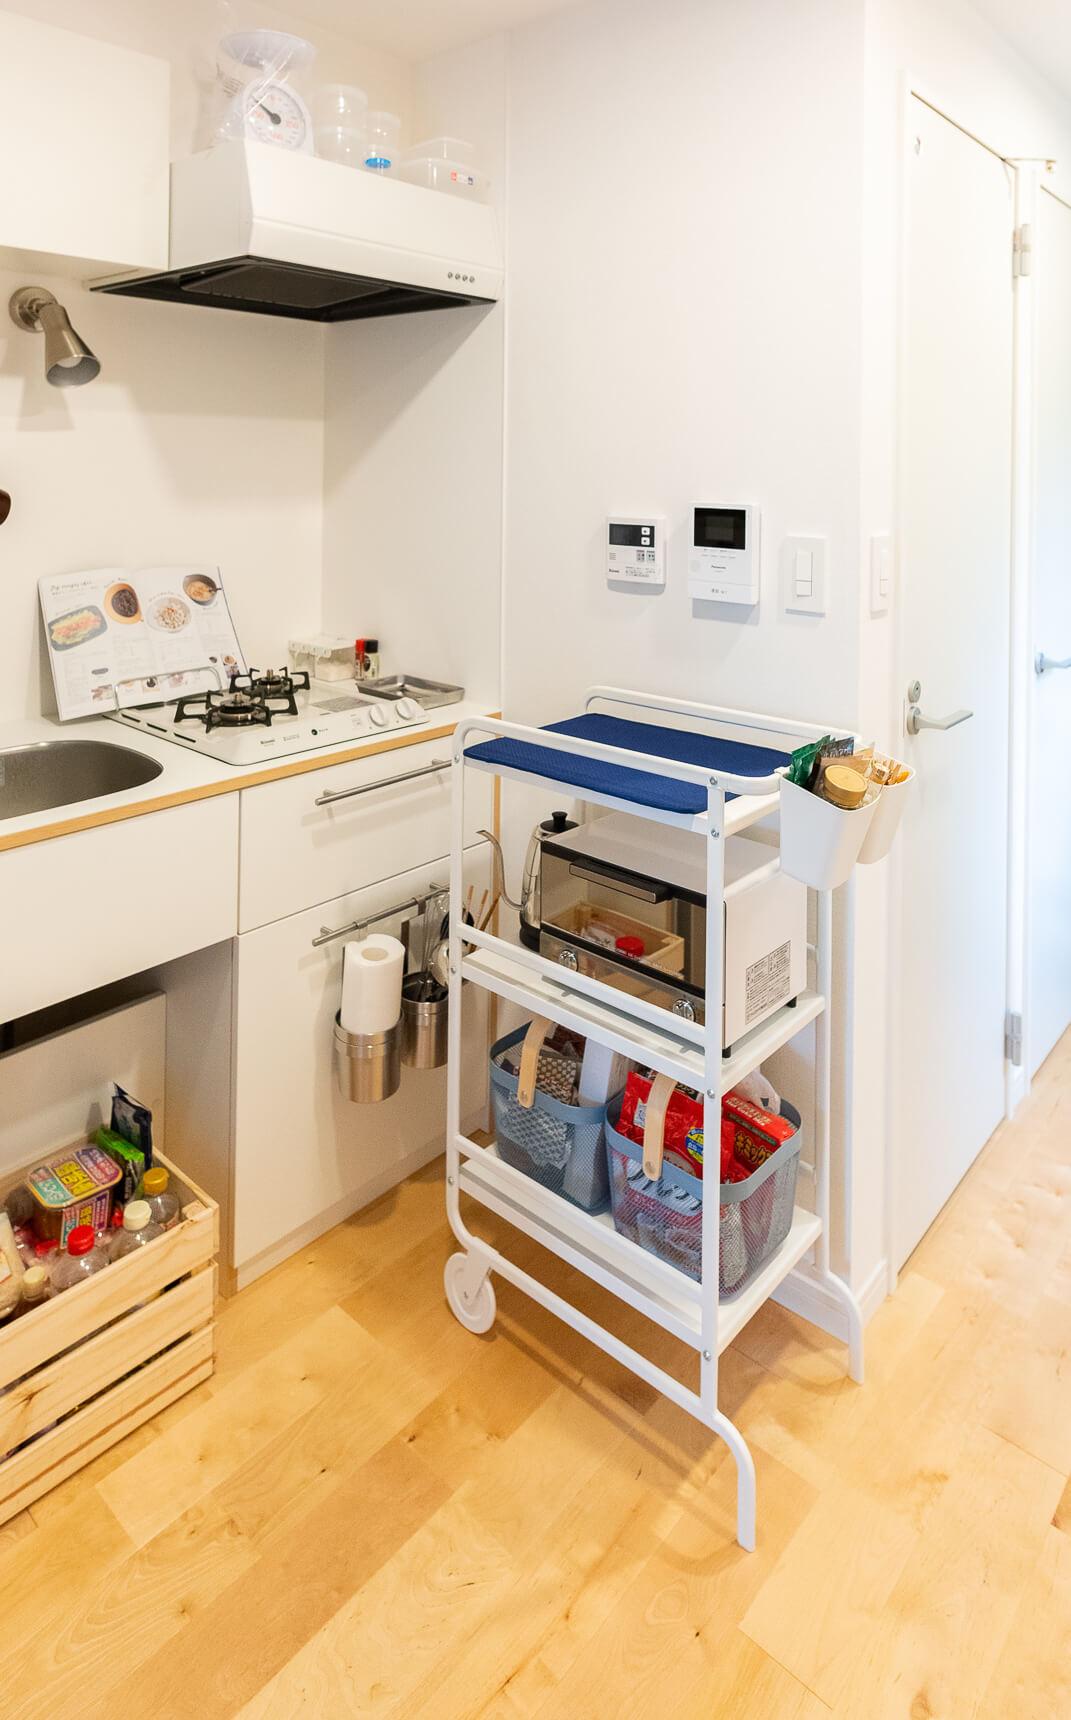 食品のストックを収納するのはもちろん、調理台としても使えるのがいいですね。こちらは生産終了していますが、IKEAでは同じく3,000円前後でワゴンを購入できますよ。(このお部屋を見る)